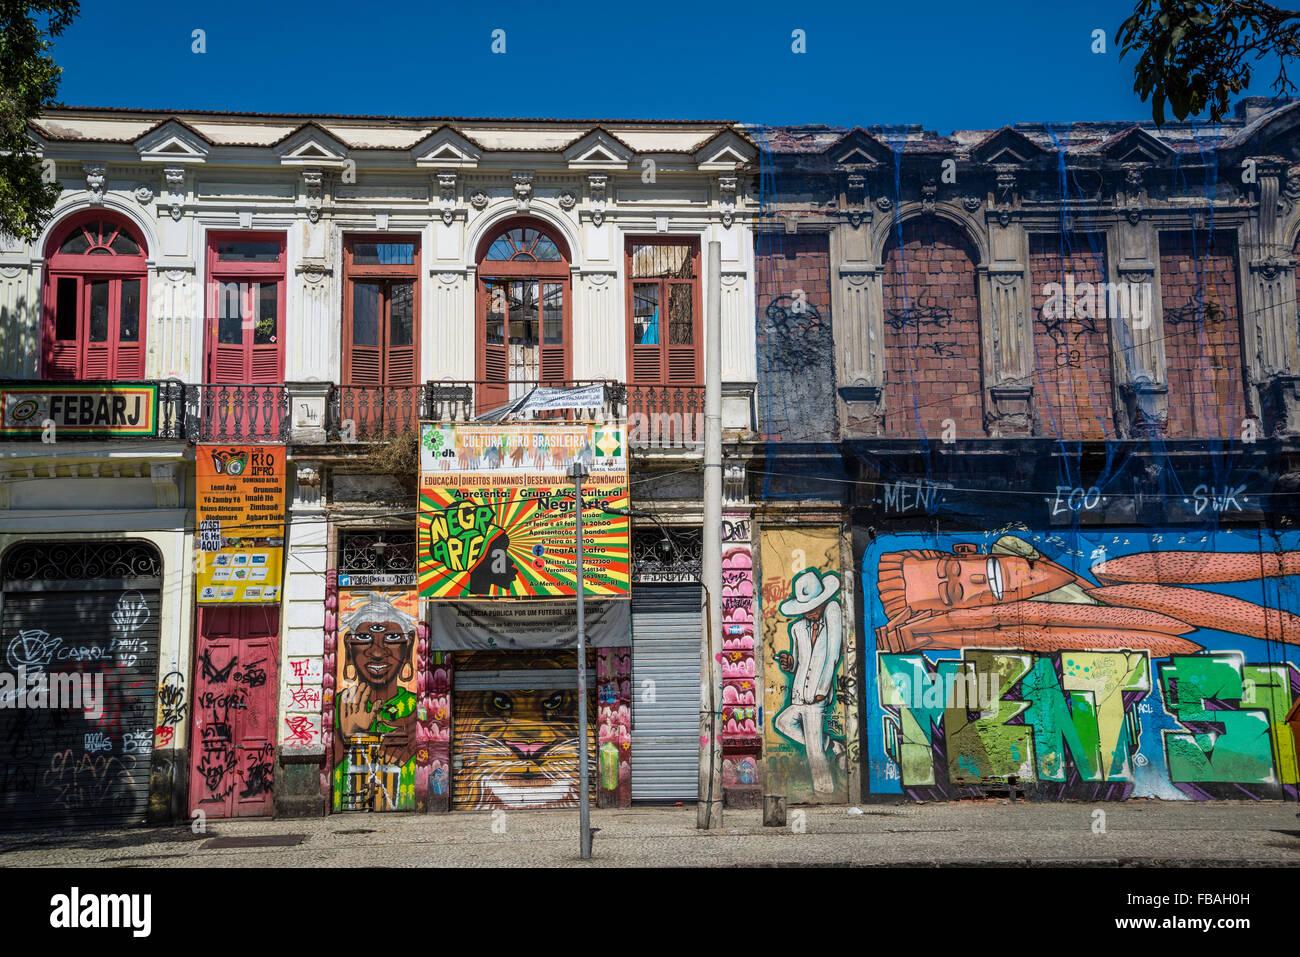 brazil rio de janeiro mural stockfotos brazil rio de janeiro mural bilder alamy. Black Bedroom Furniture Sets. Home Design Ideas